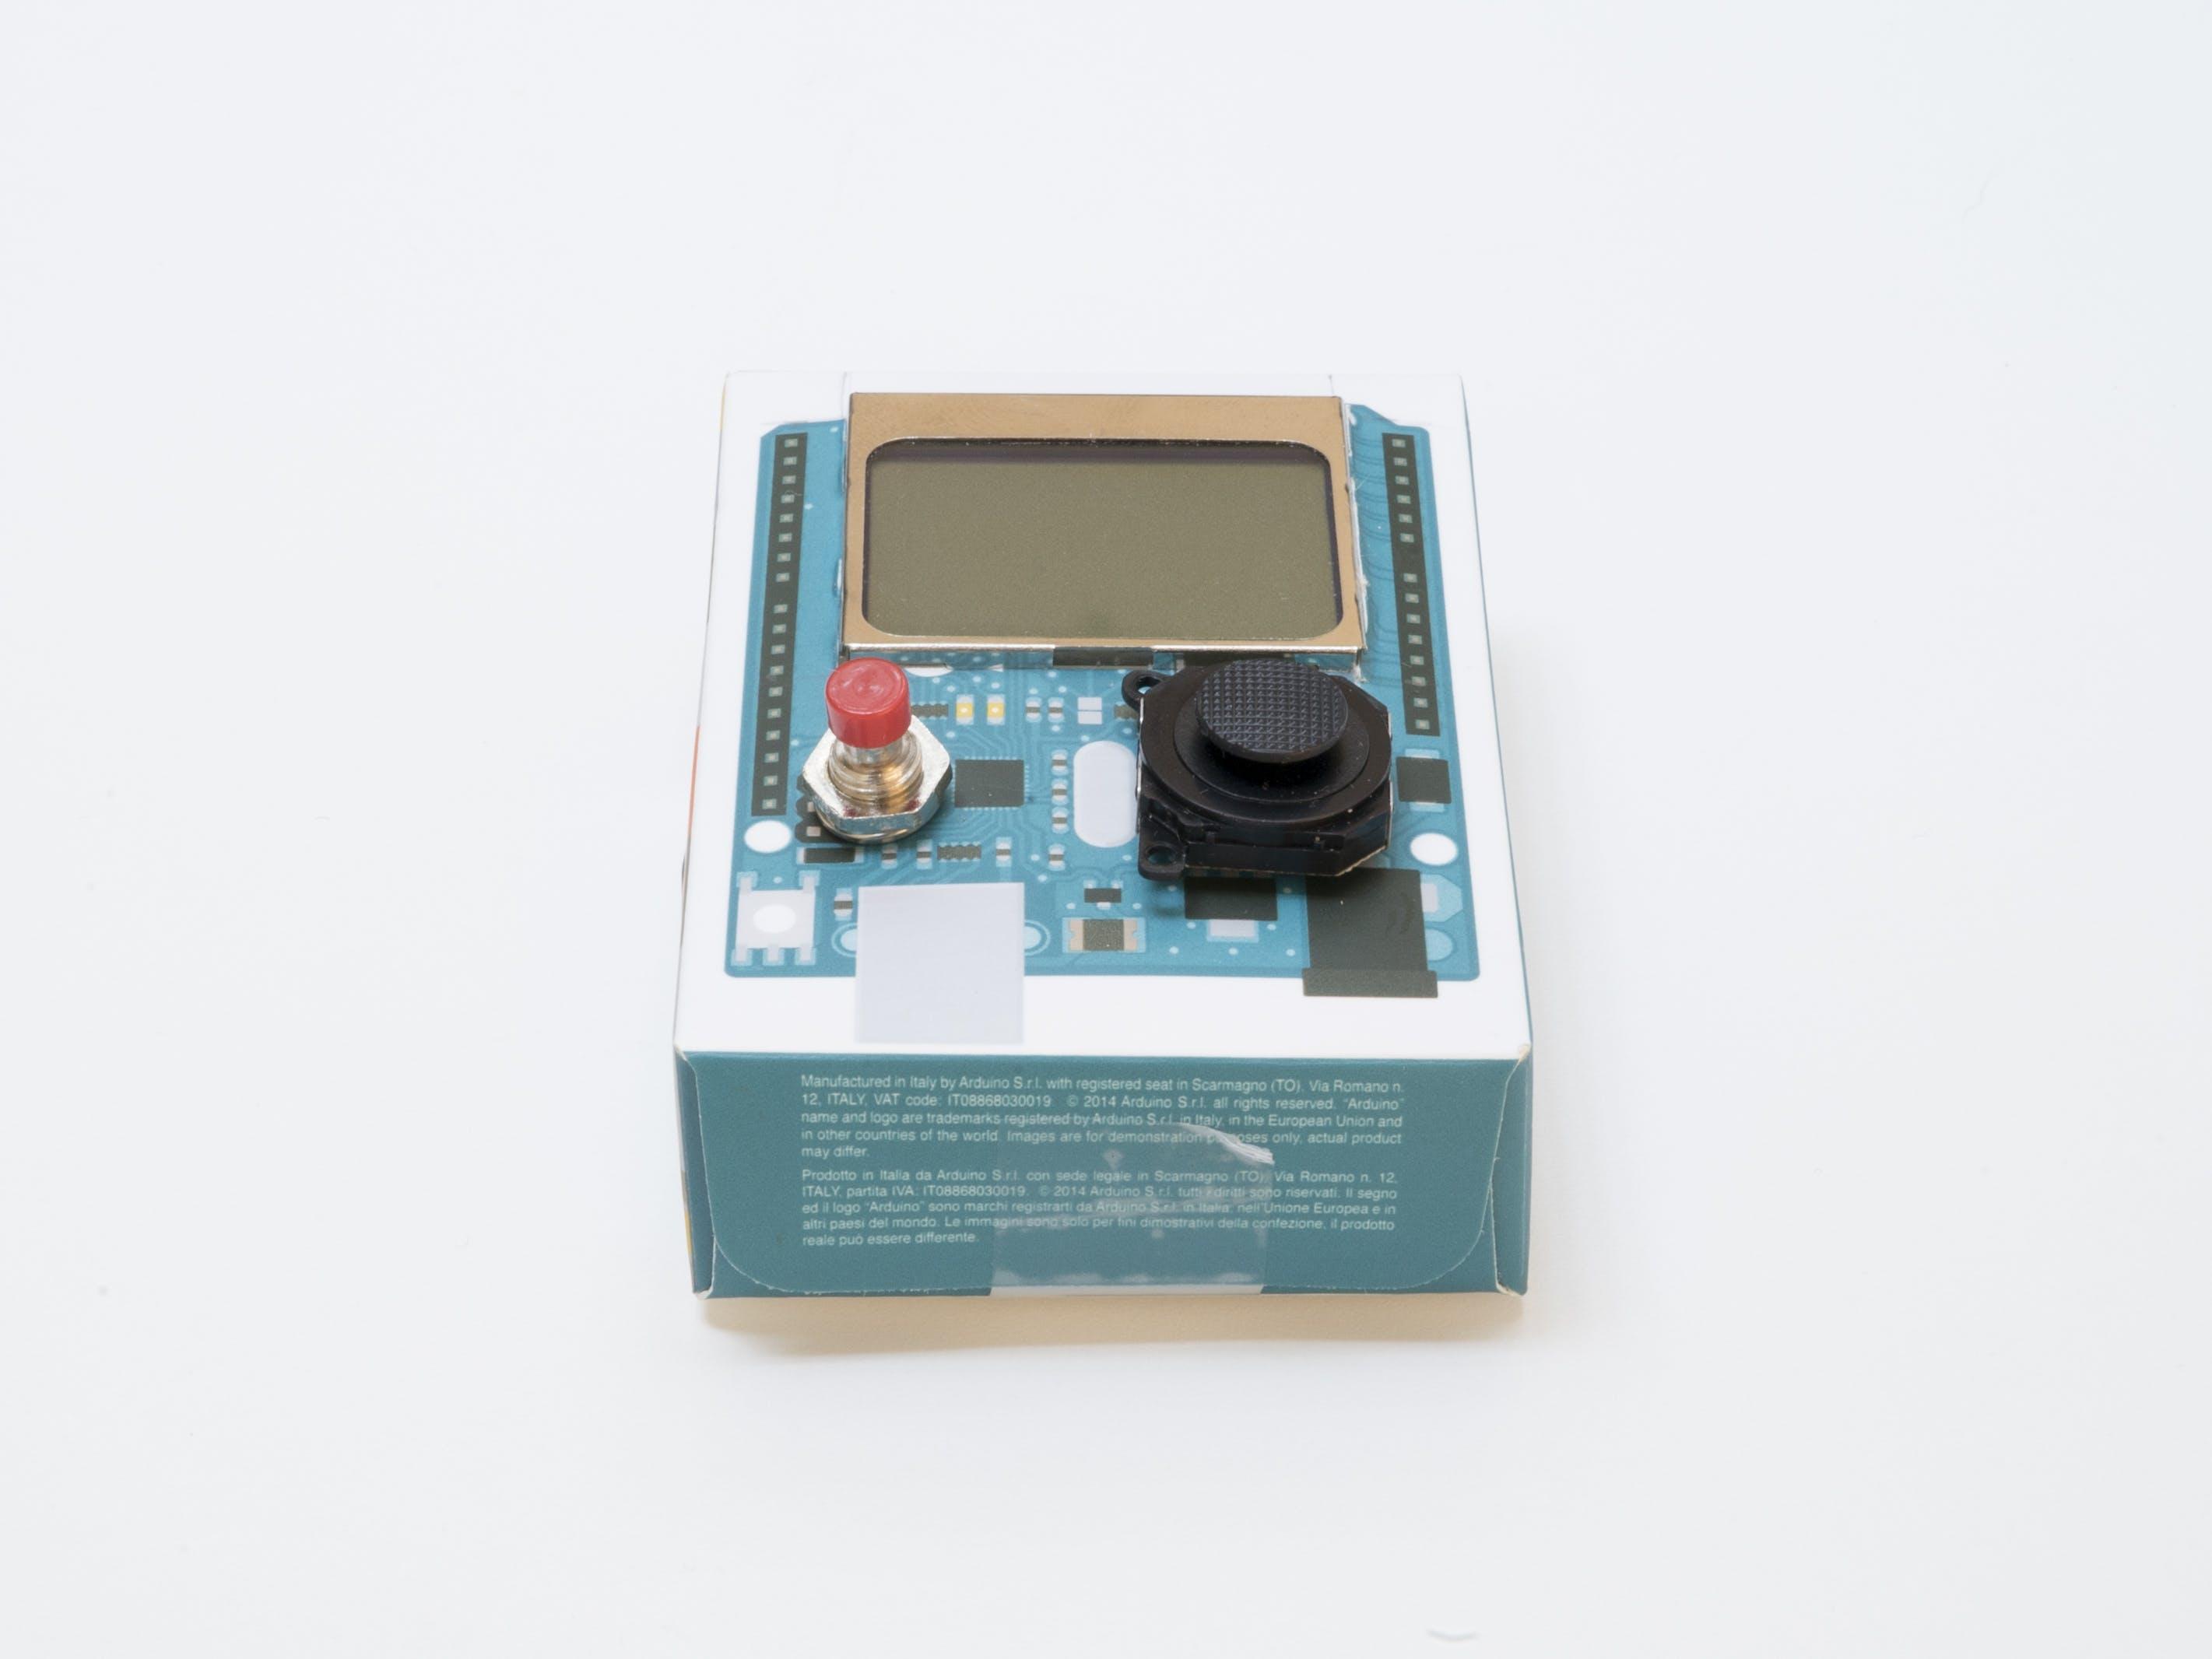 Snake in an Arduino Box